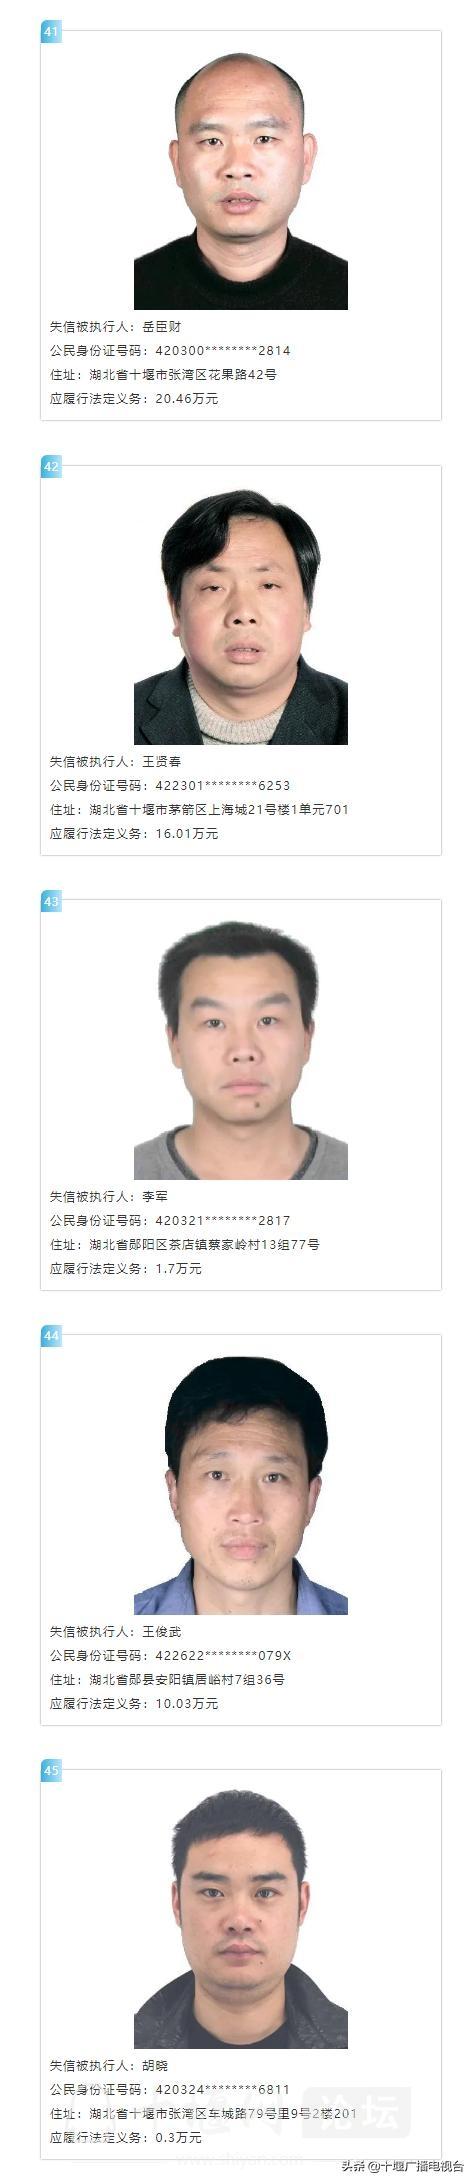 照片、住址全公开!张湾曝光50名失信被执行人-9.jpg